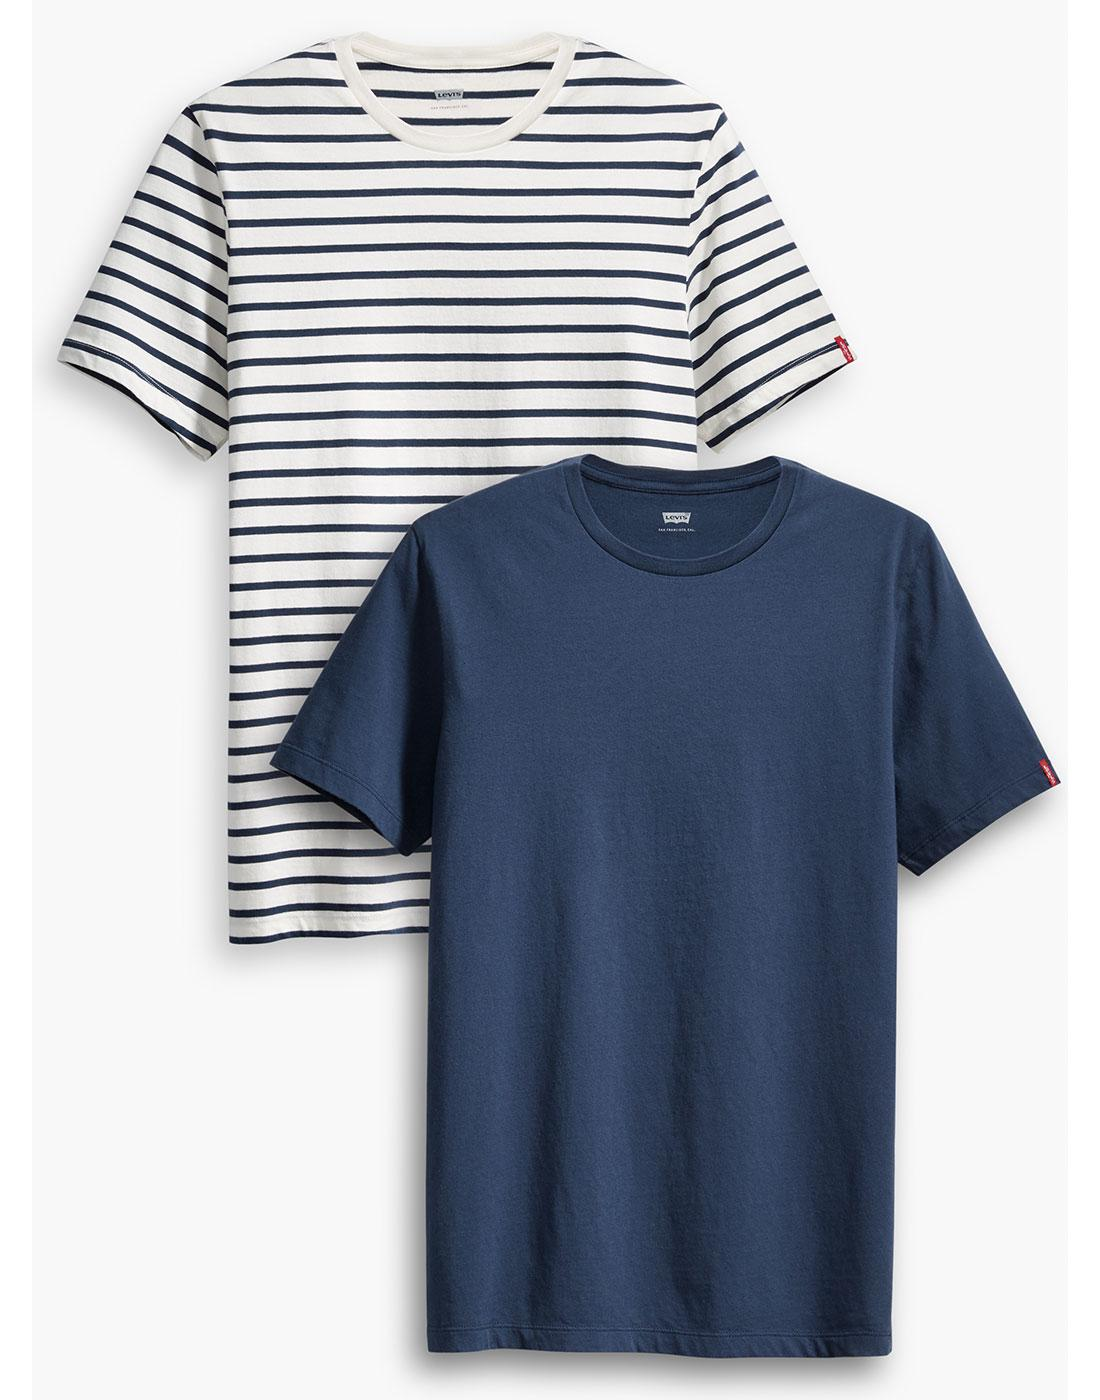 LEVI'S Retro Mod 2 Pack T-Shirt - Stripe/Plain Tee